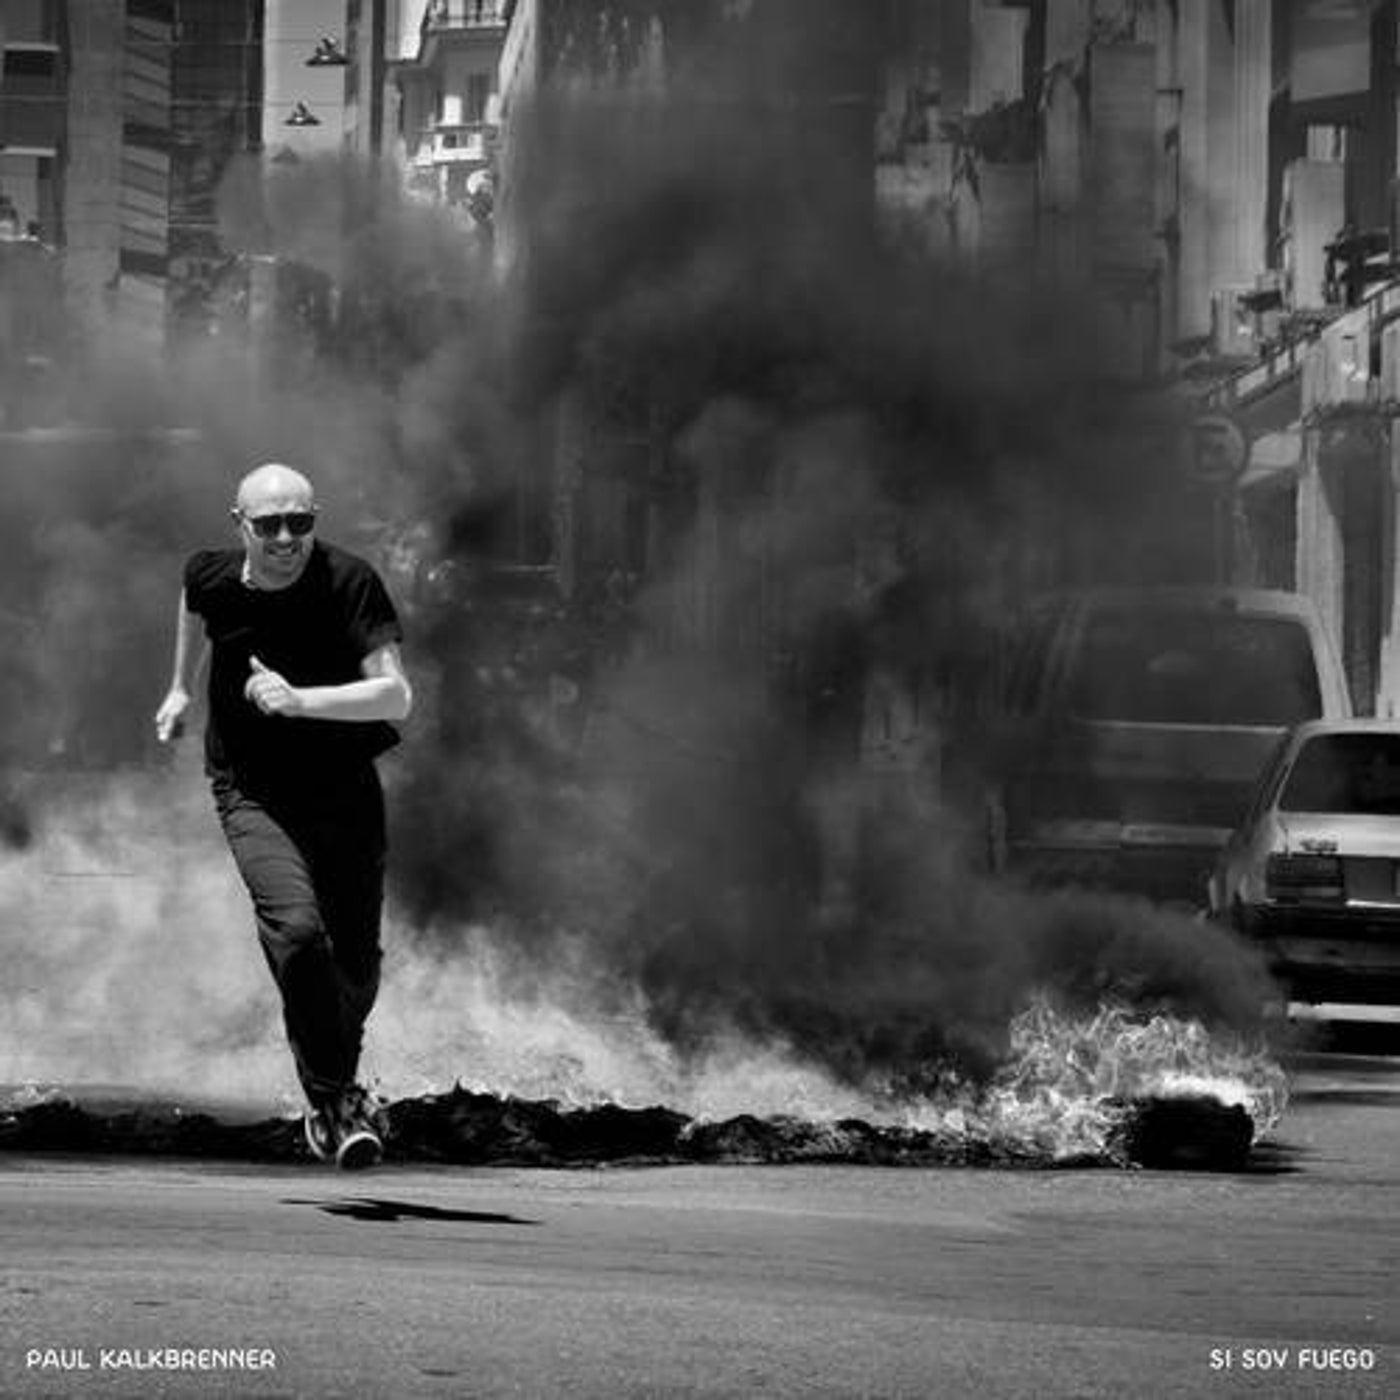 Si Soy Fuego (Original Mix)